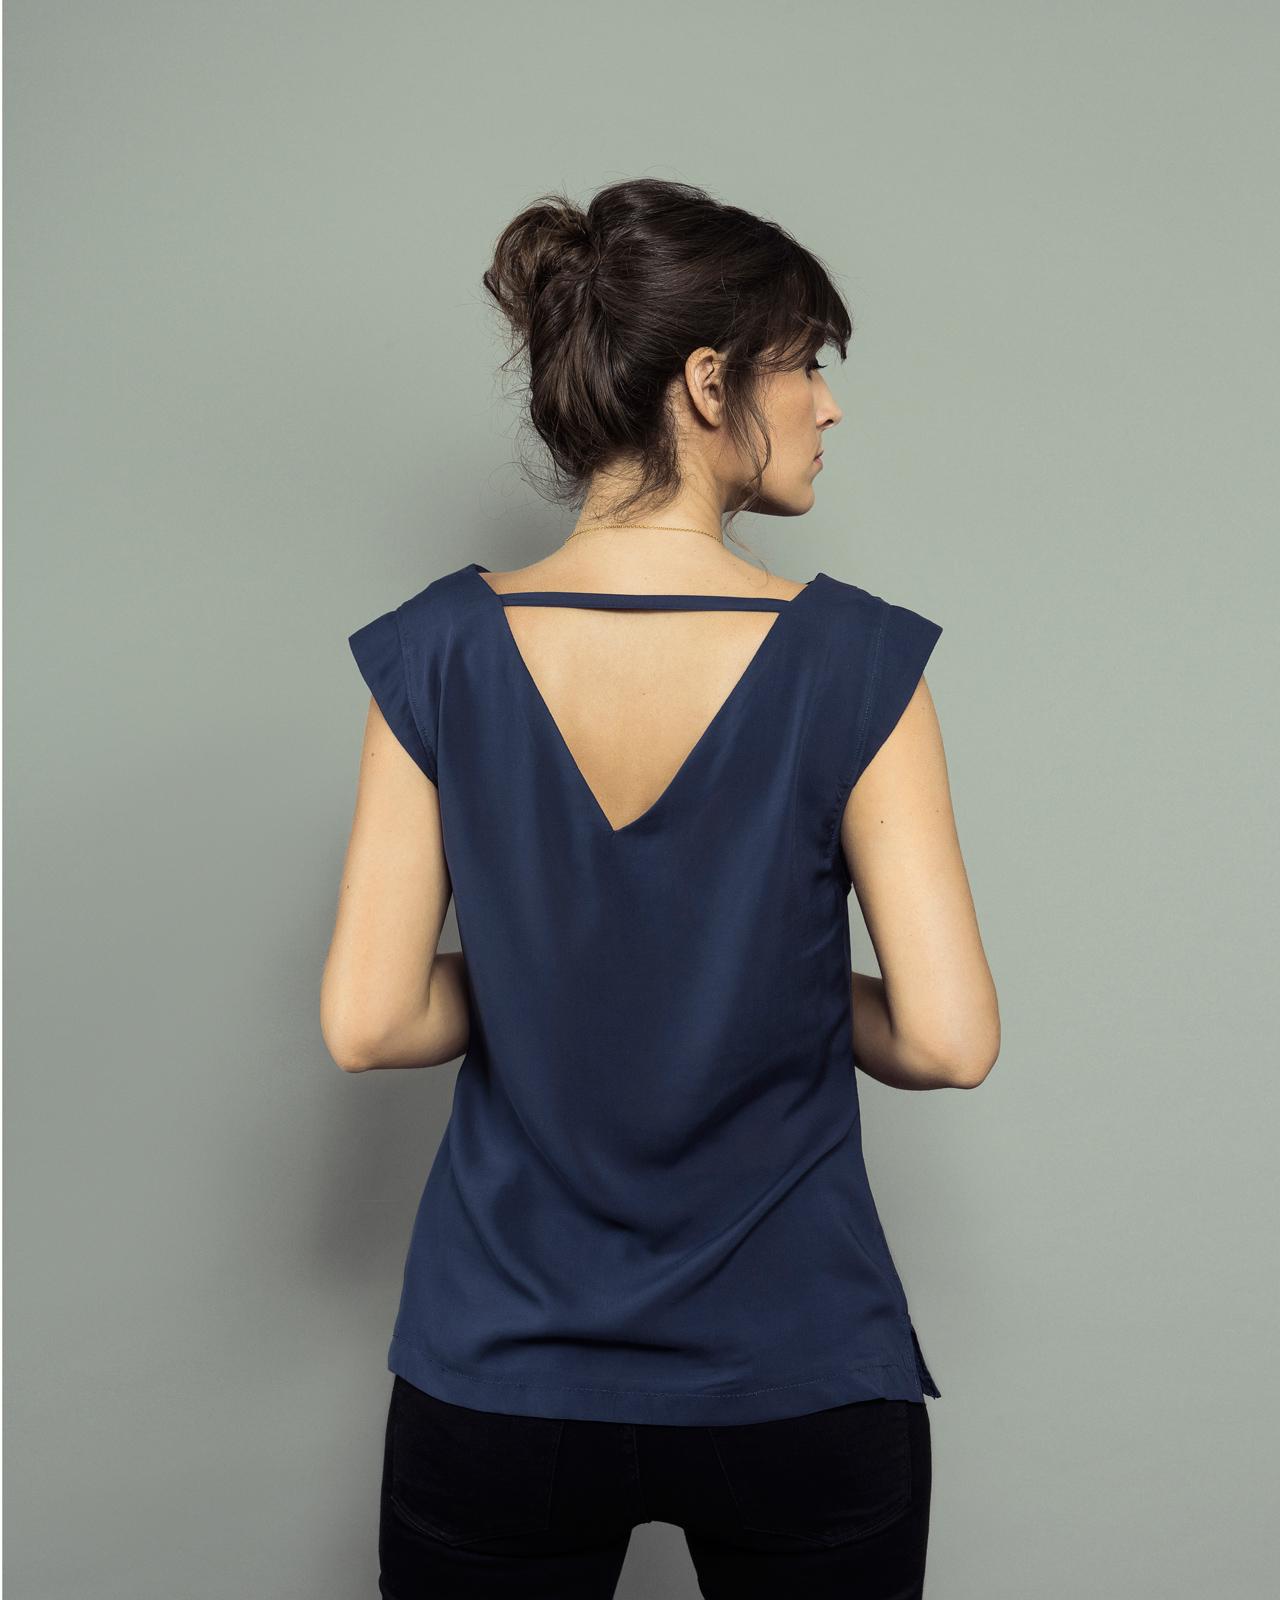 ORAGEUSE - Patrons de couture contemporains pour femme / contemporary sewing patterns for women - Top Lisbonne